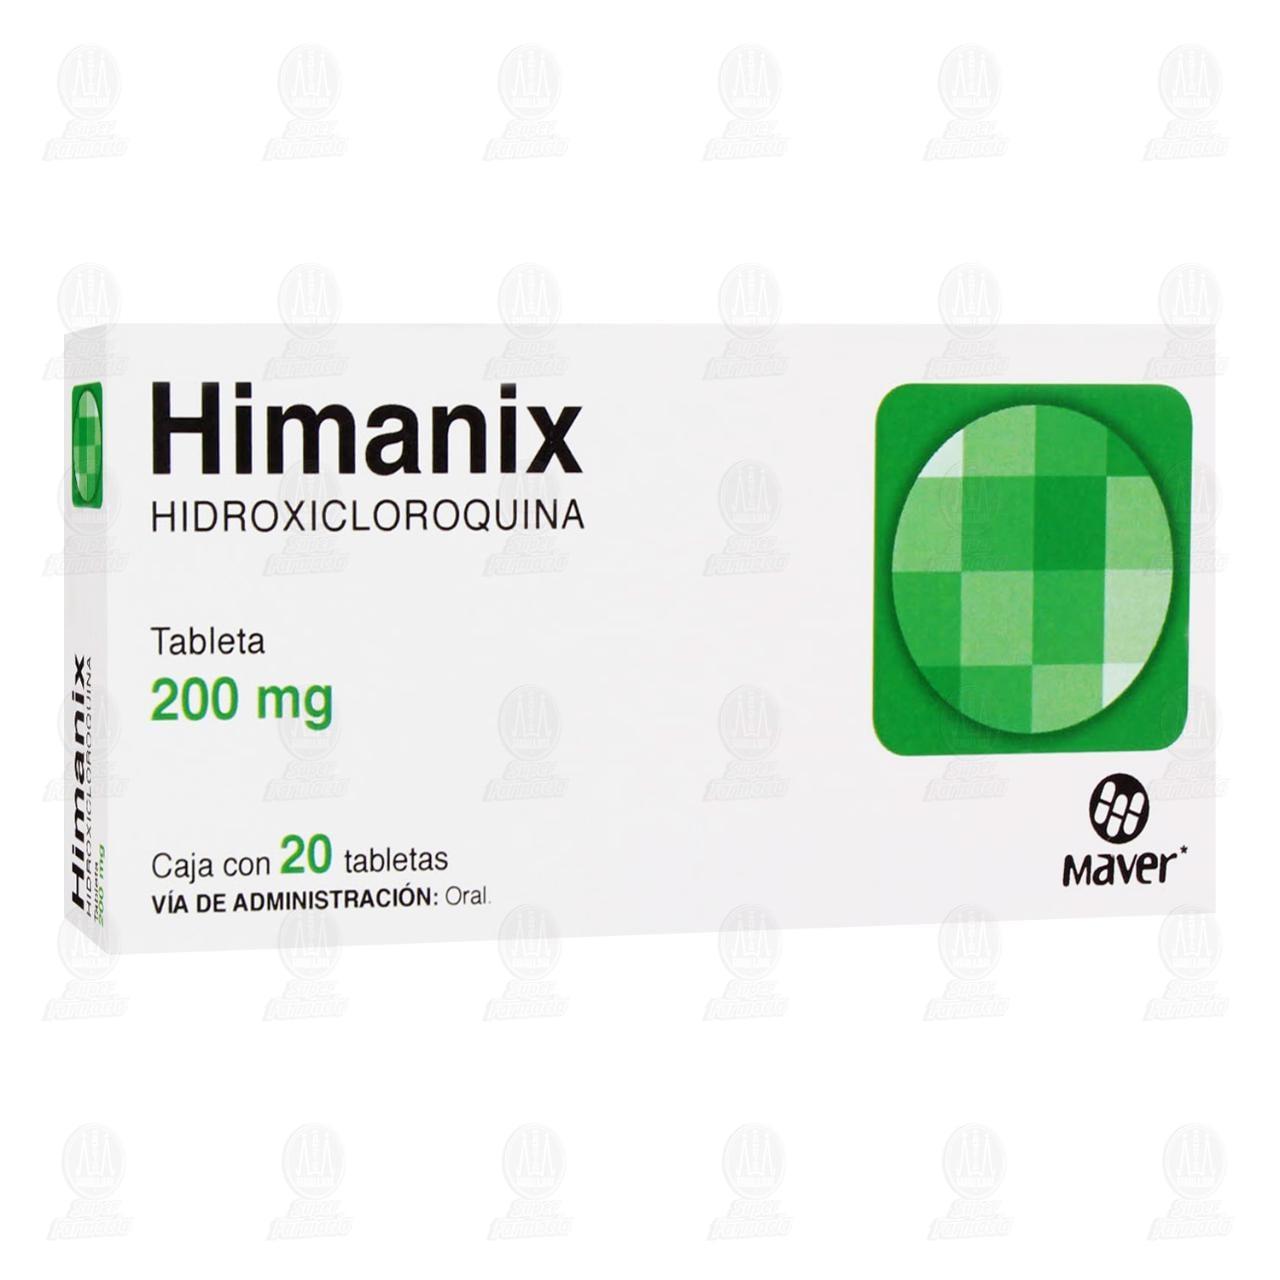 Comprar Himanix 200mg 20 Tabletas en Farmacias Guadalajara